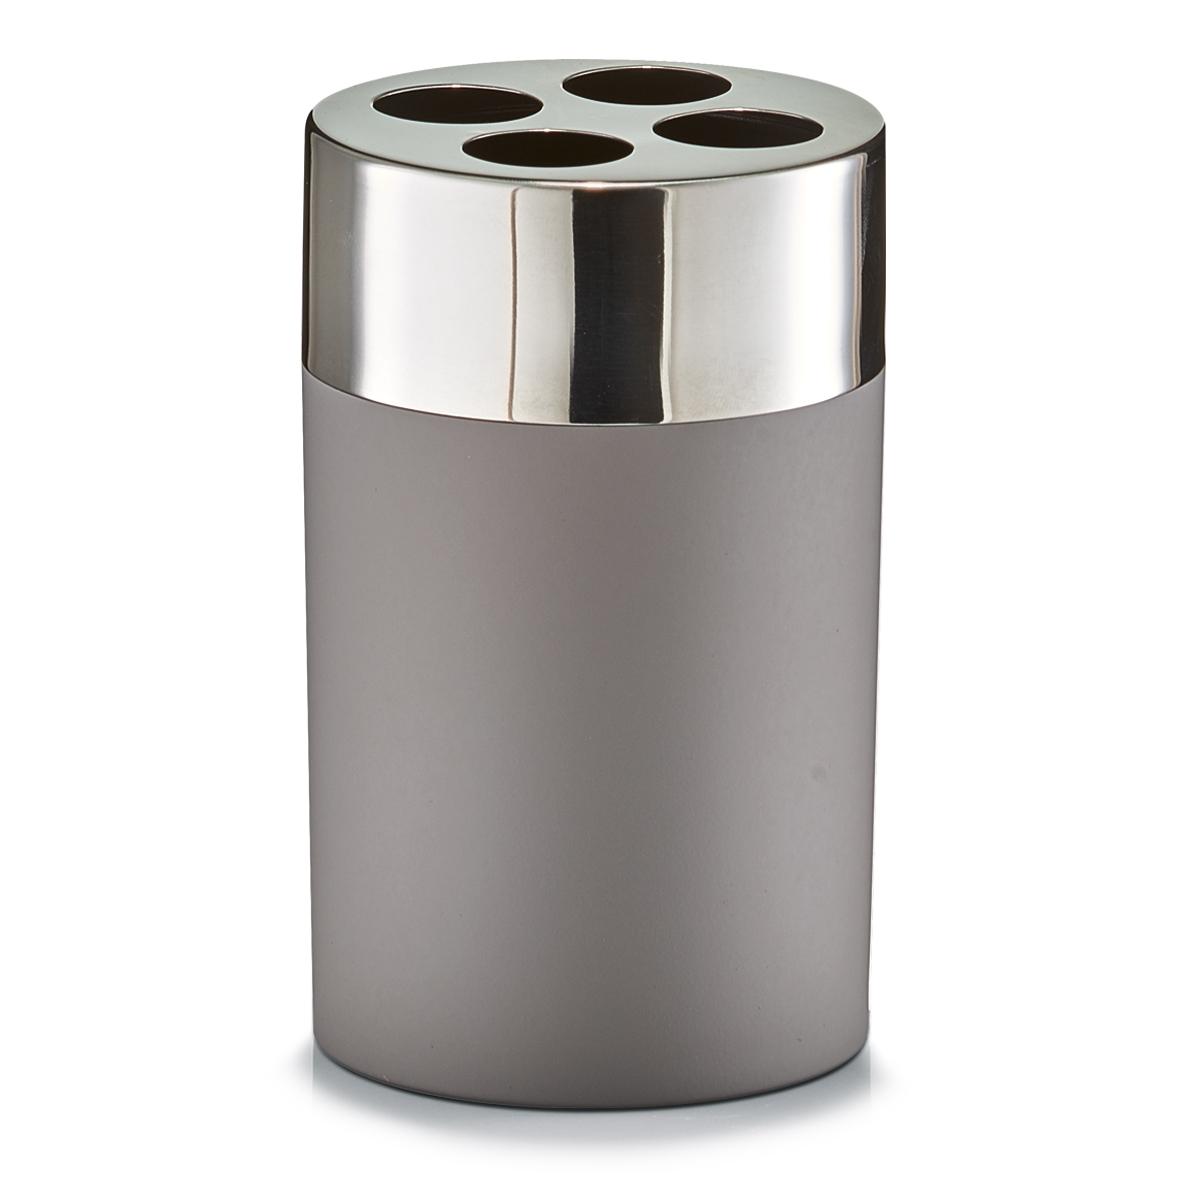 Suport pentru periuta din plastic si inox, Taupe matte, Ø 6,5xH11 cm